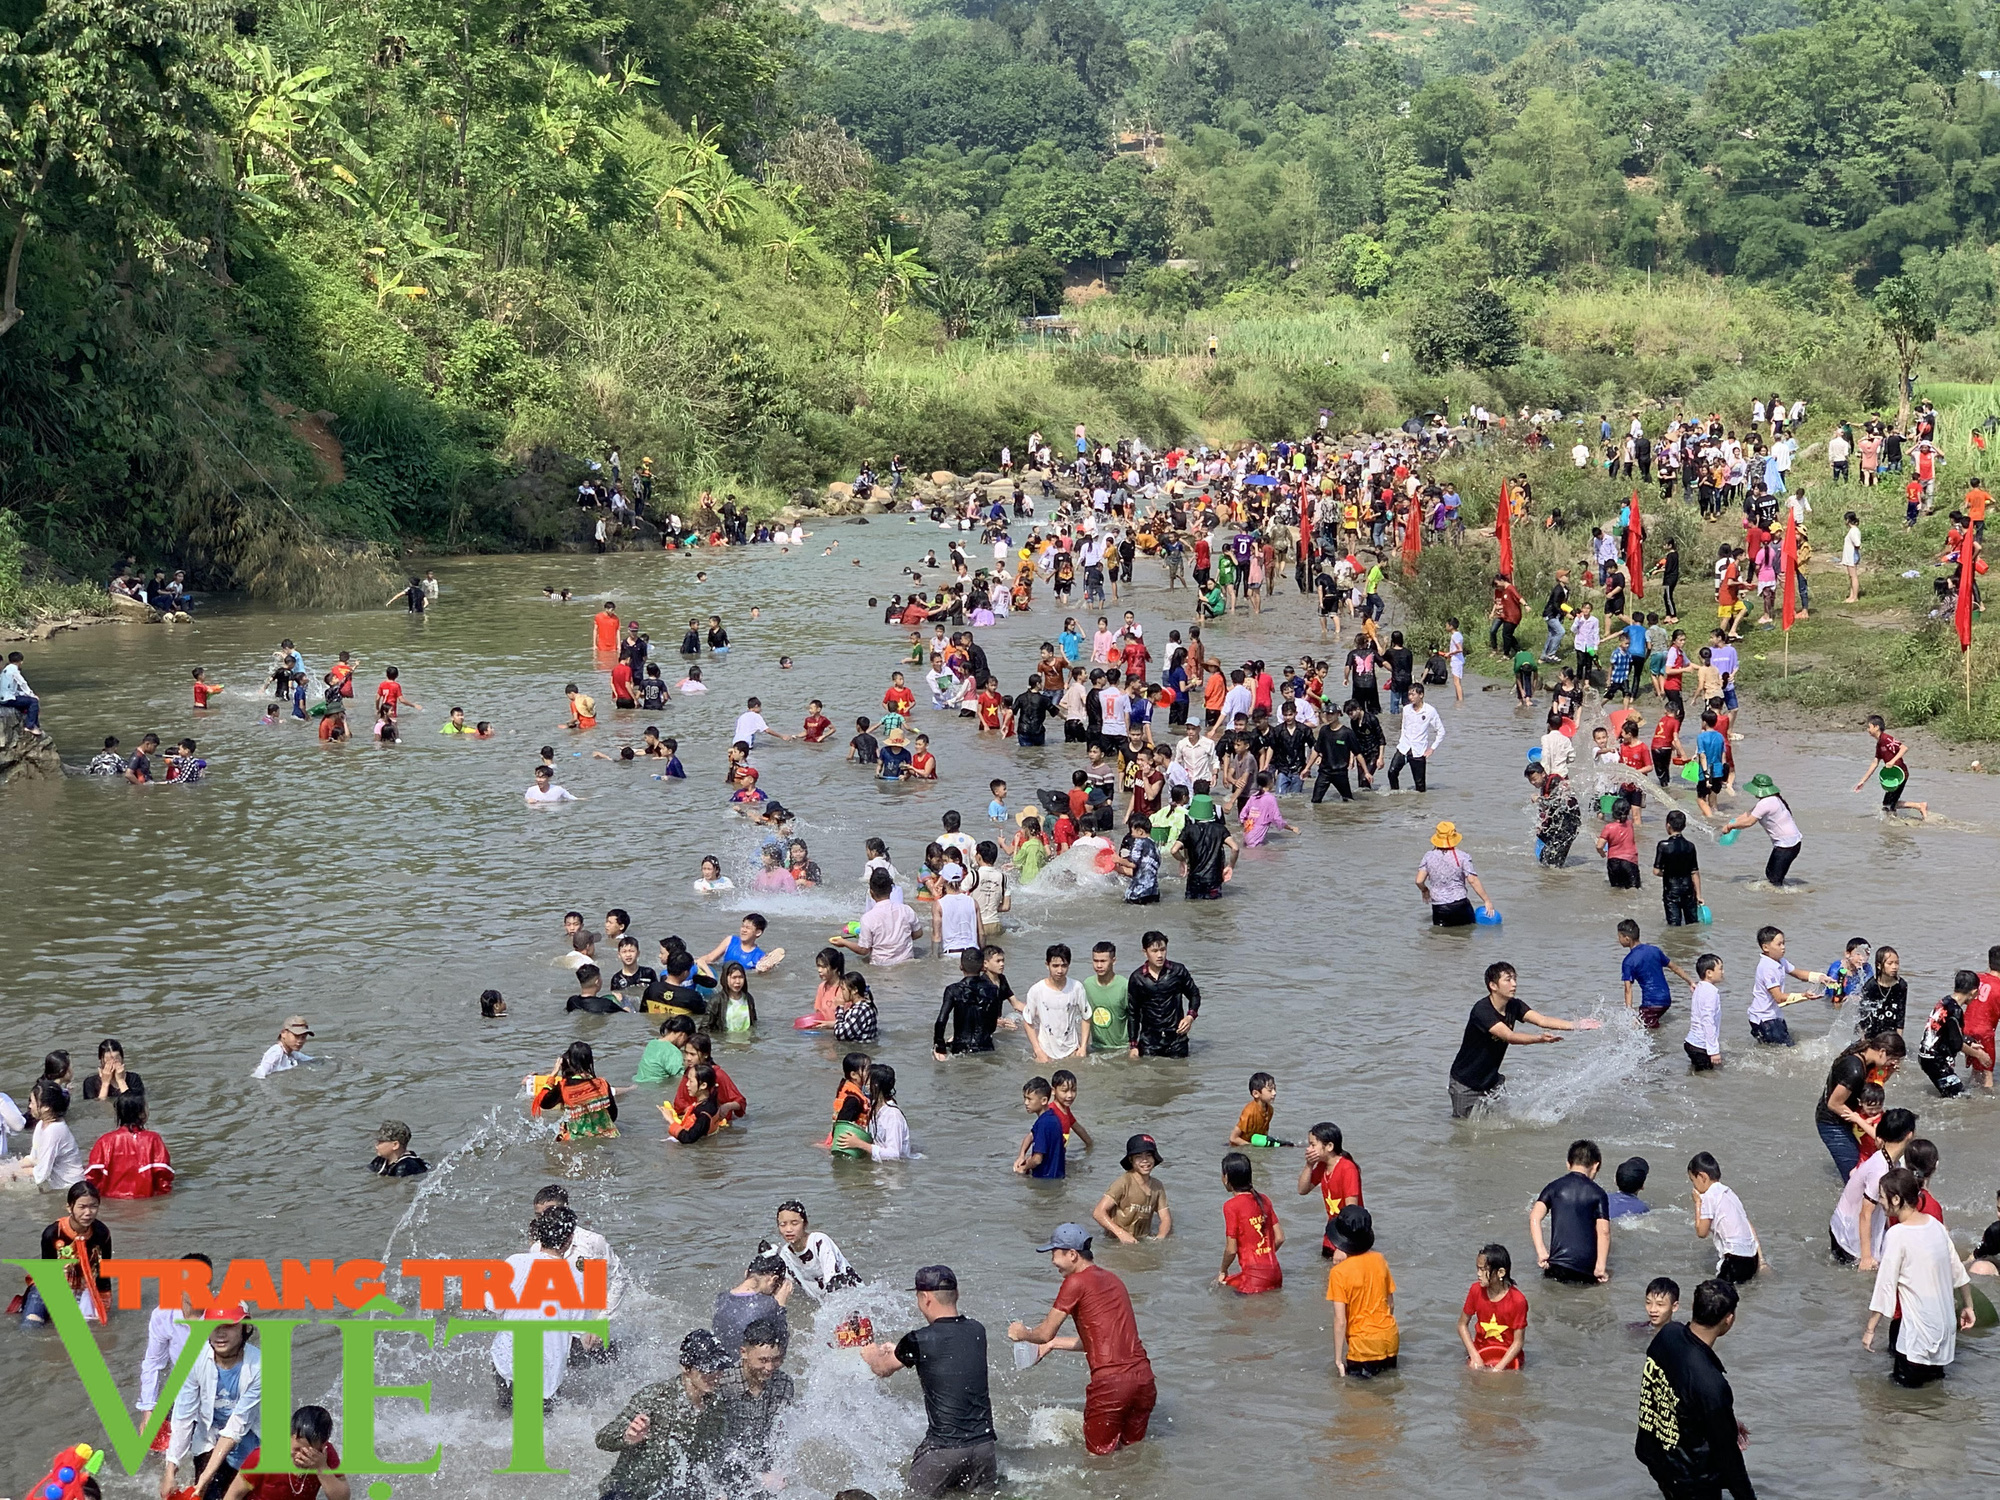 Lễ hội Then Kin Pang – Linh hồn của người dân tộc Thái Trắng - Ảnh 1.